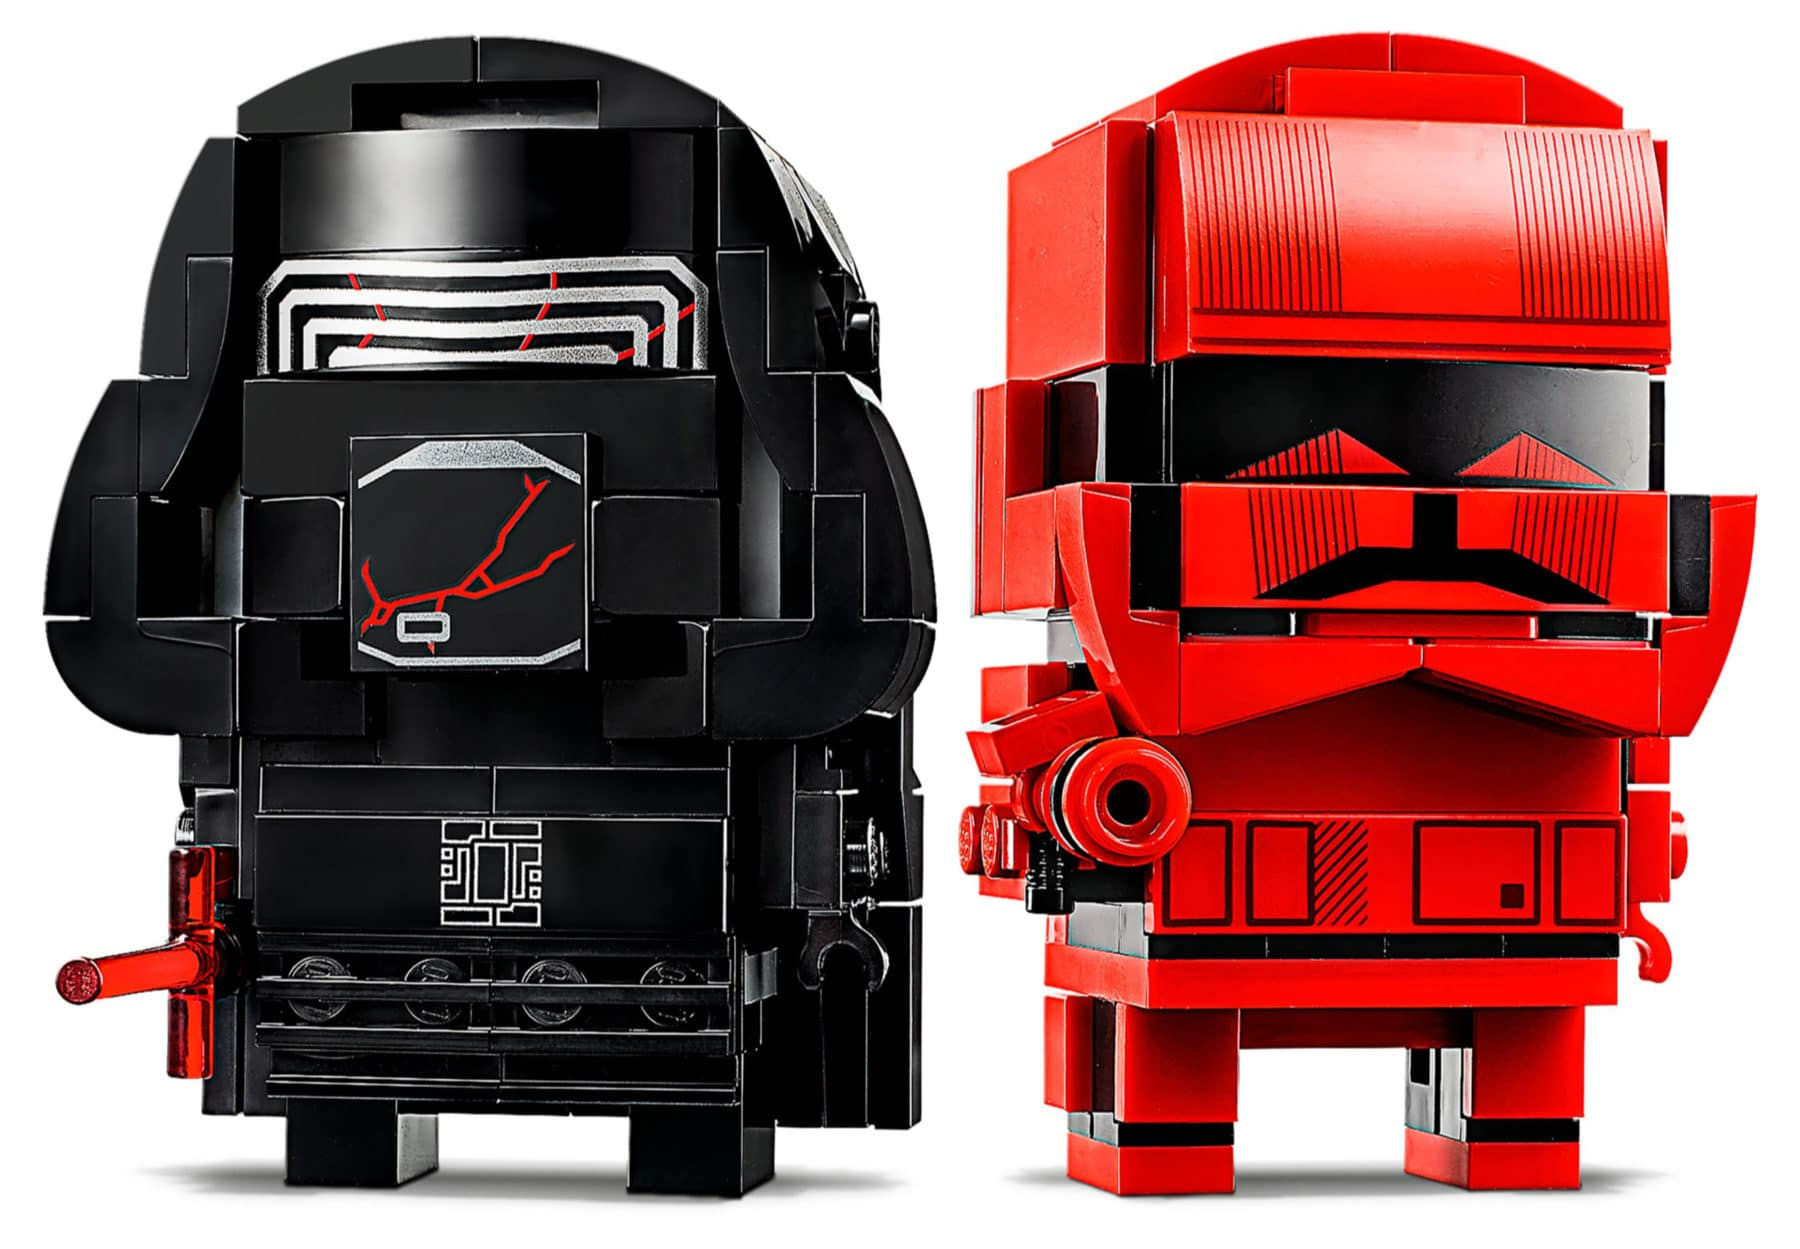 Prime immagini ufficiali del set LEGO Star Wars Brickheadz con Kylo Ren e il Sith Trooper